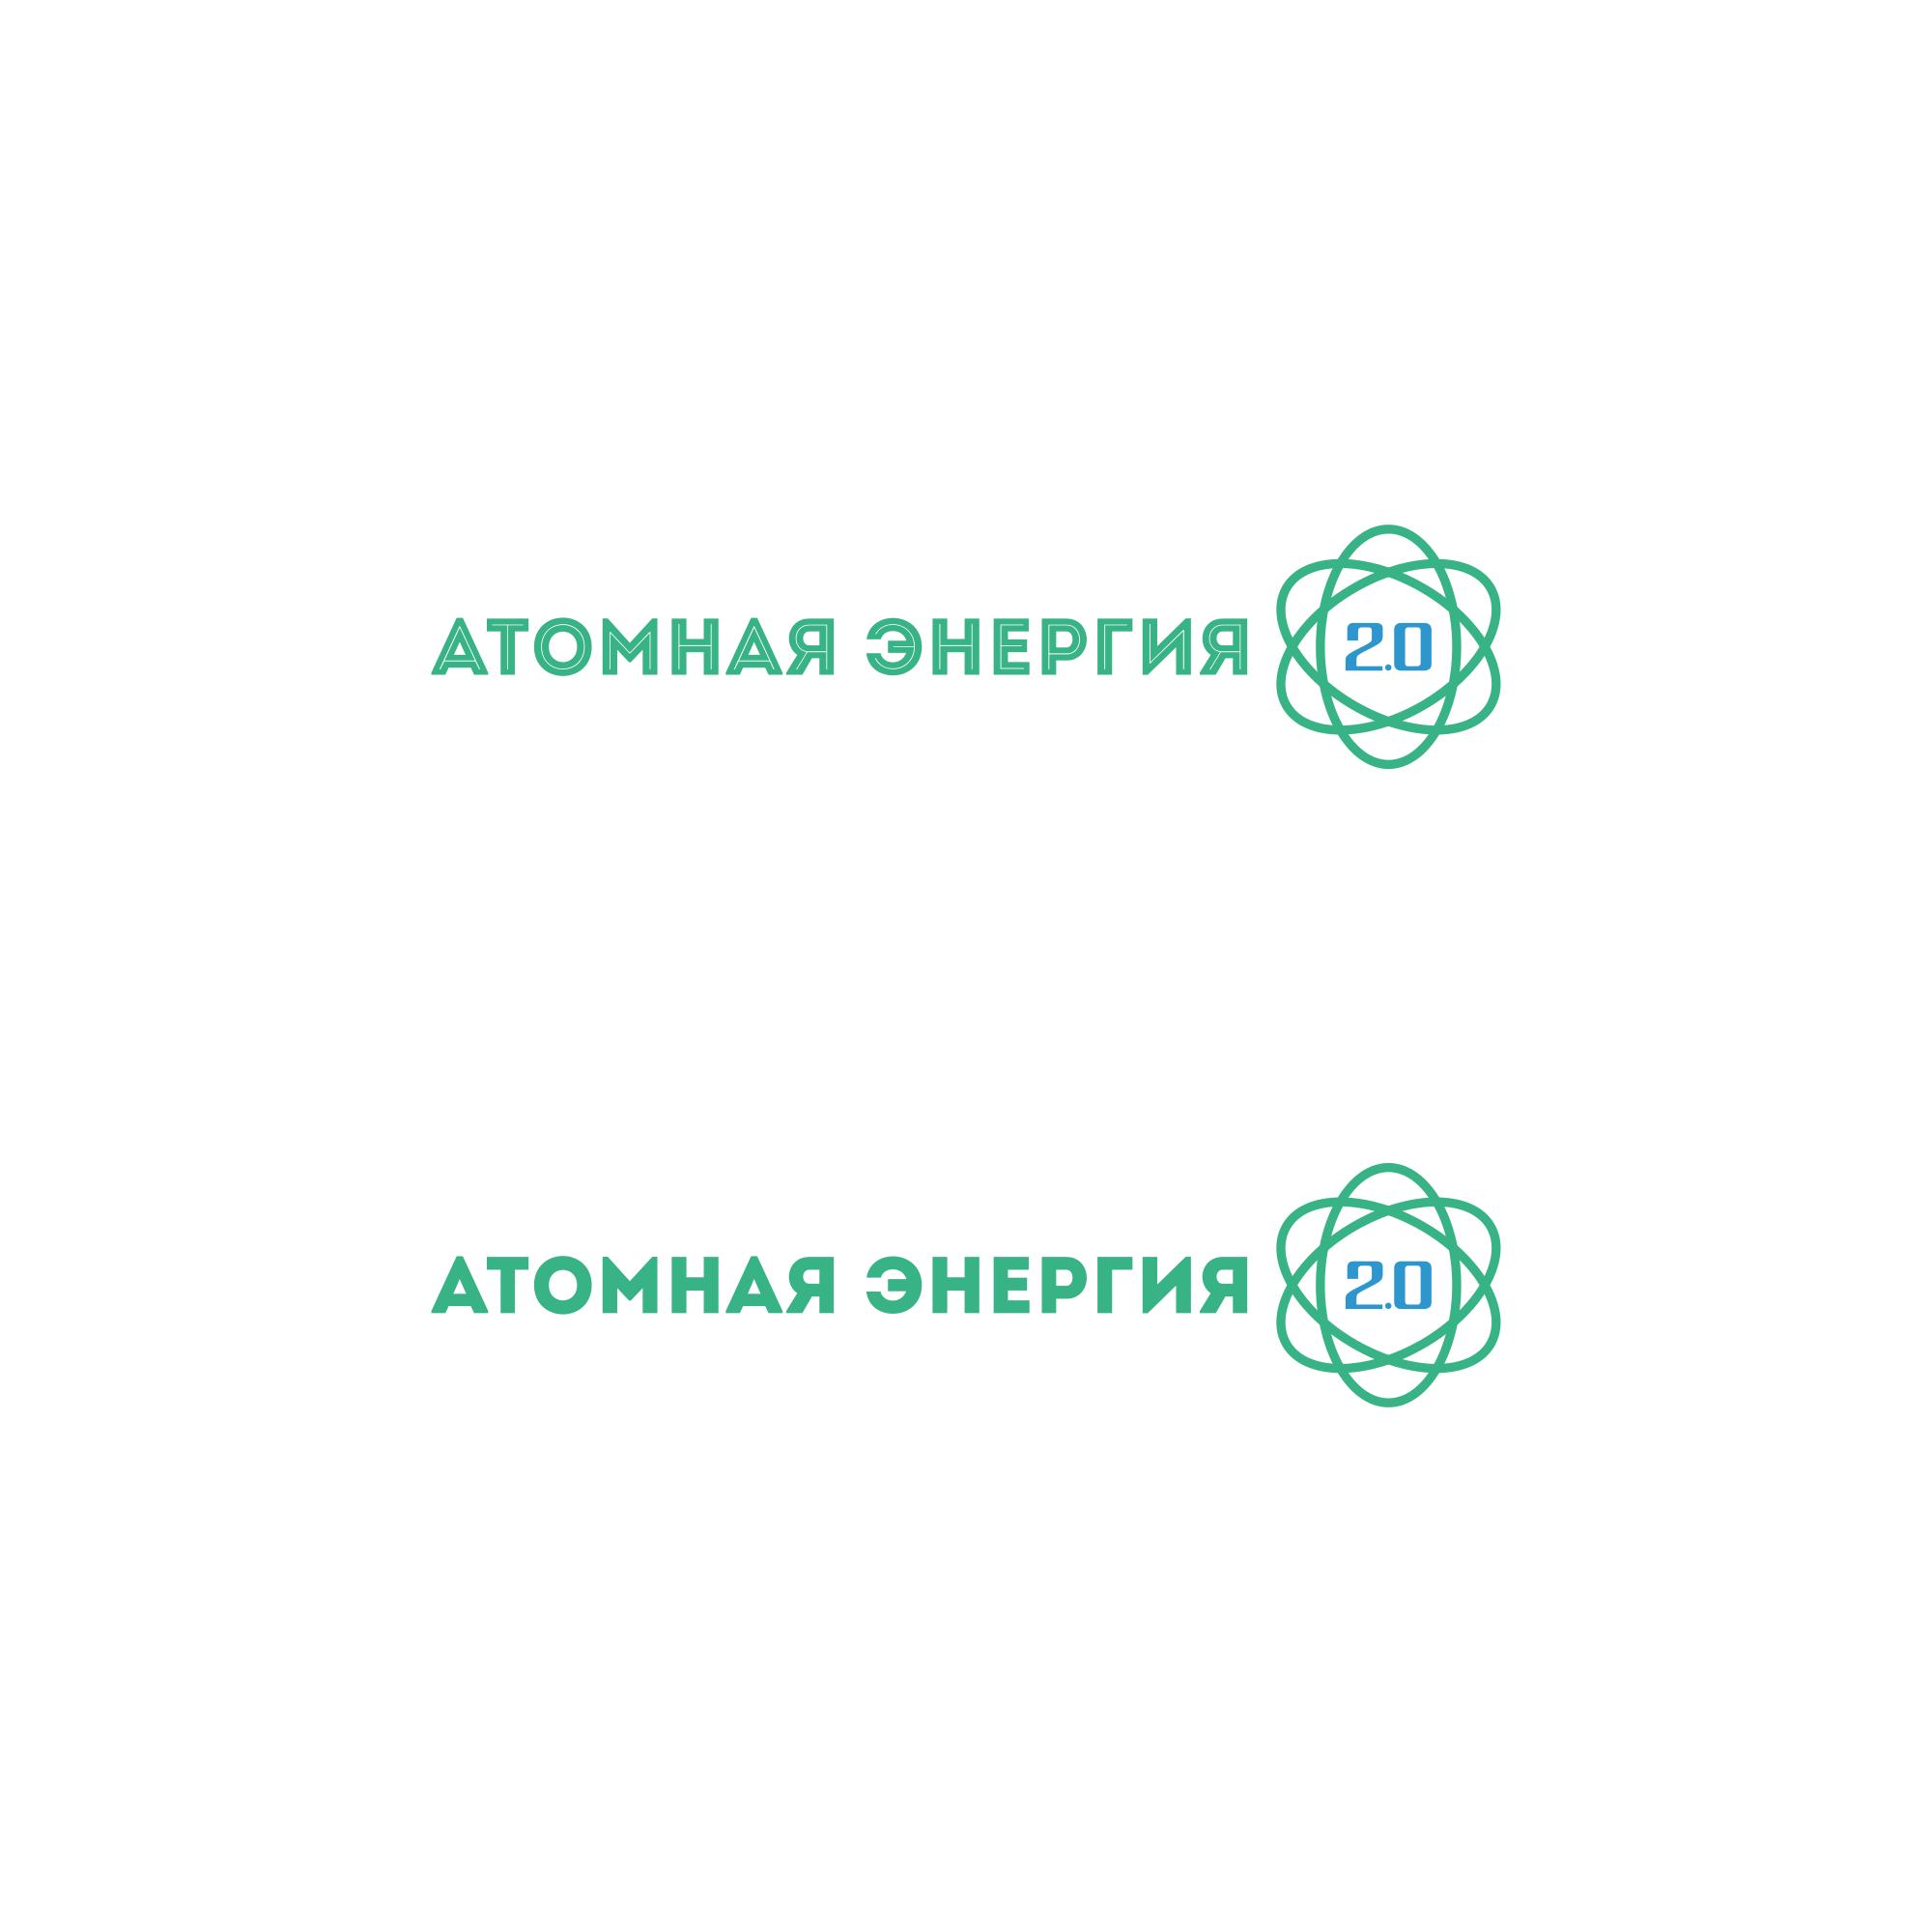 """Фирменный стиль для научного портала """"Атомная энергия 2.0"""" фото f_15559fd5b0e6582a.png"""